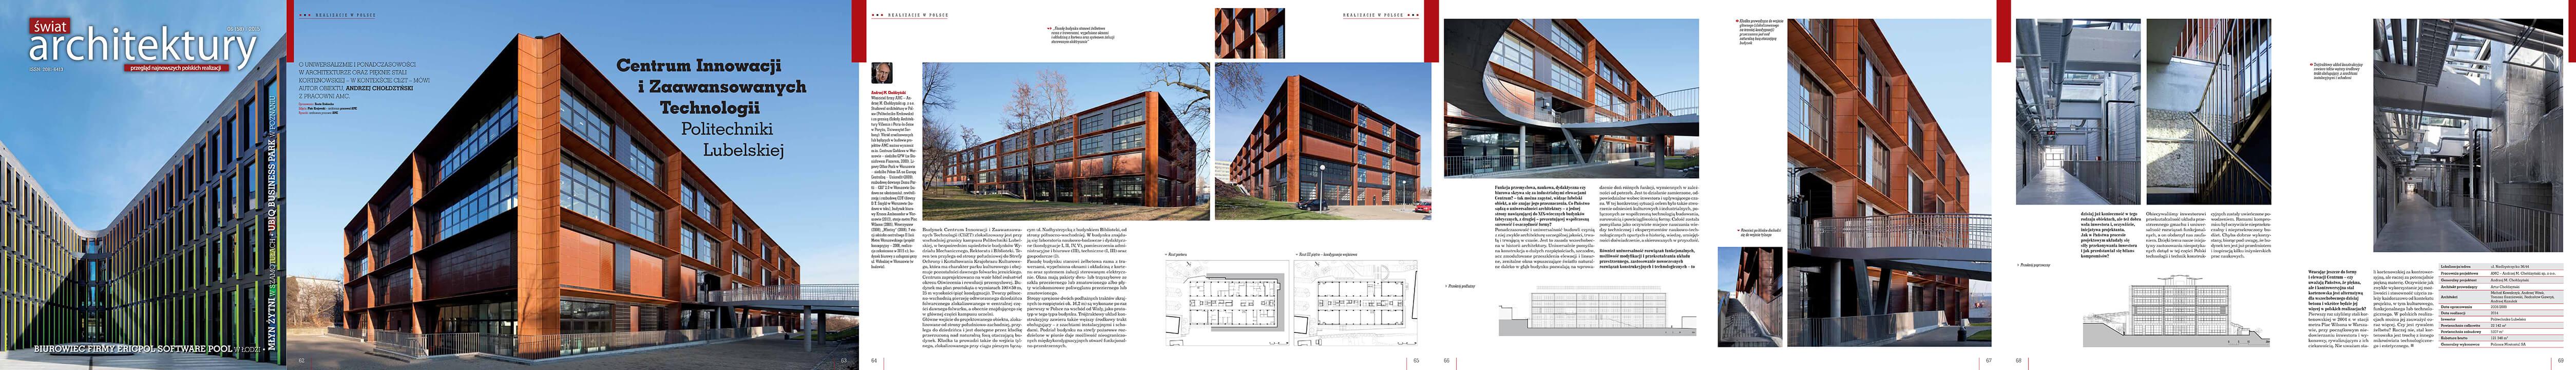 Świat Architektury